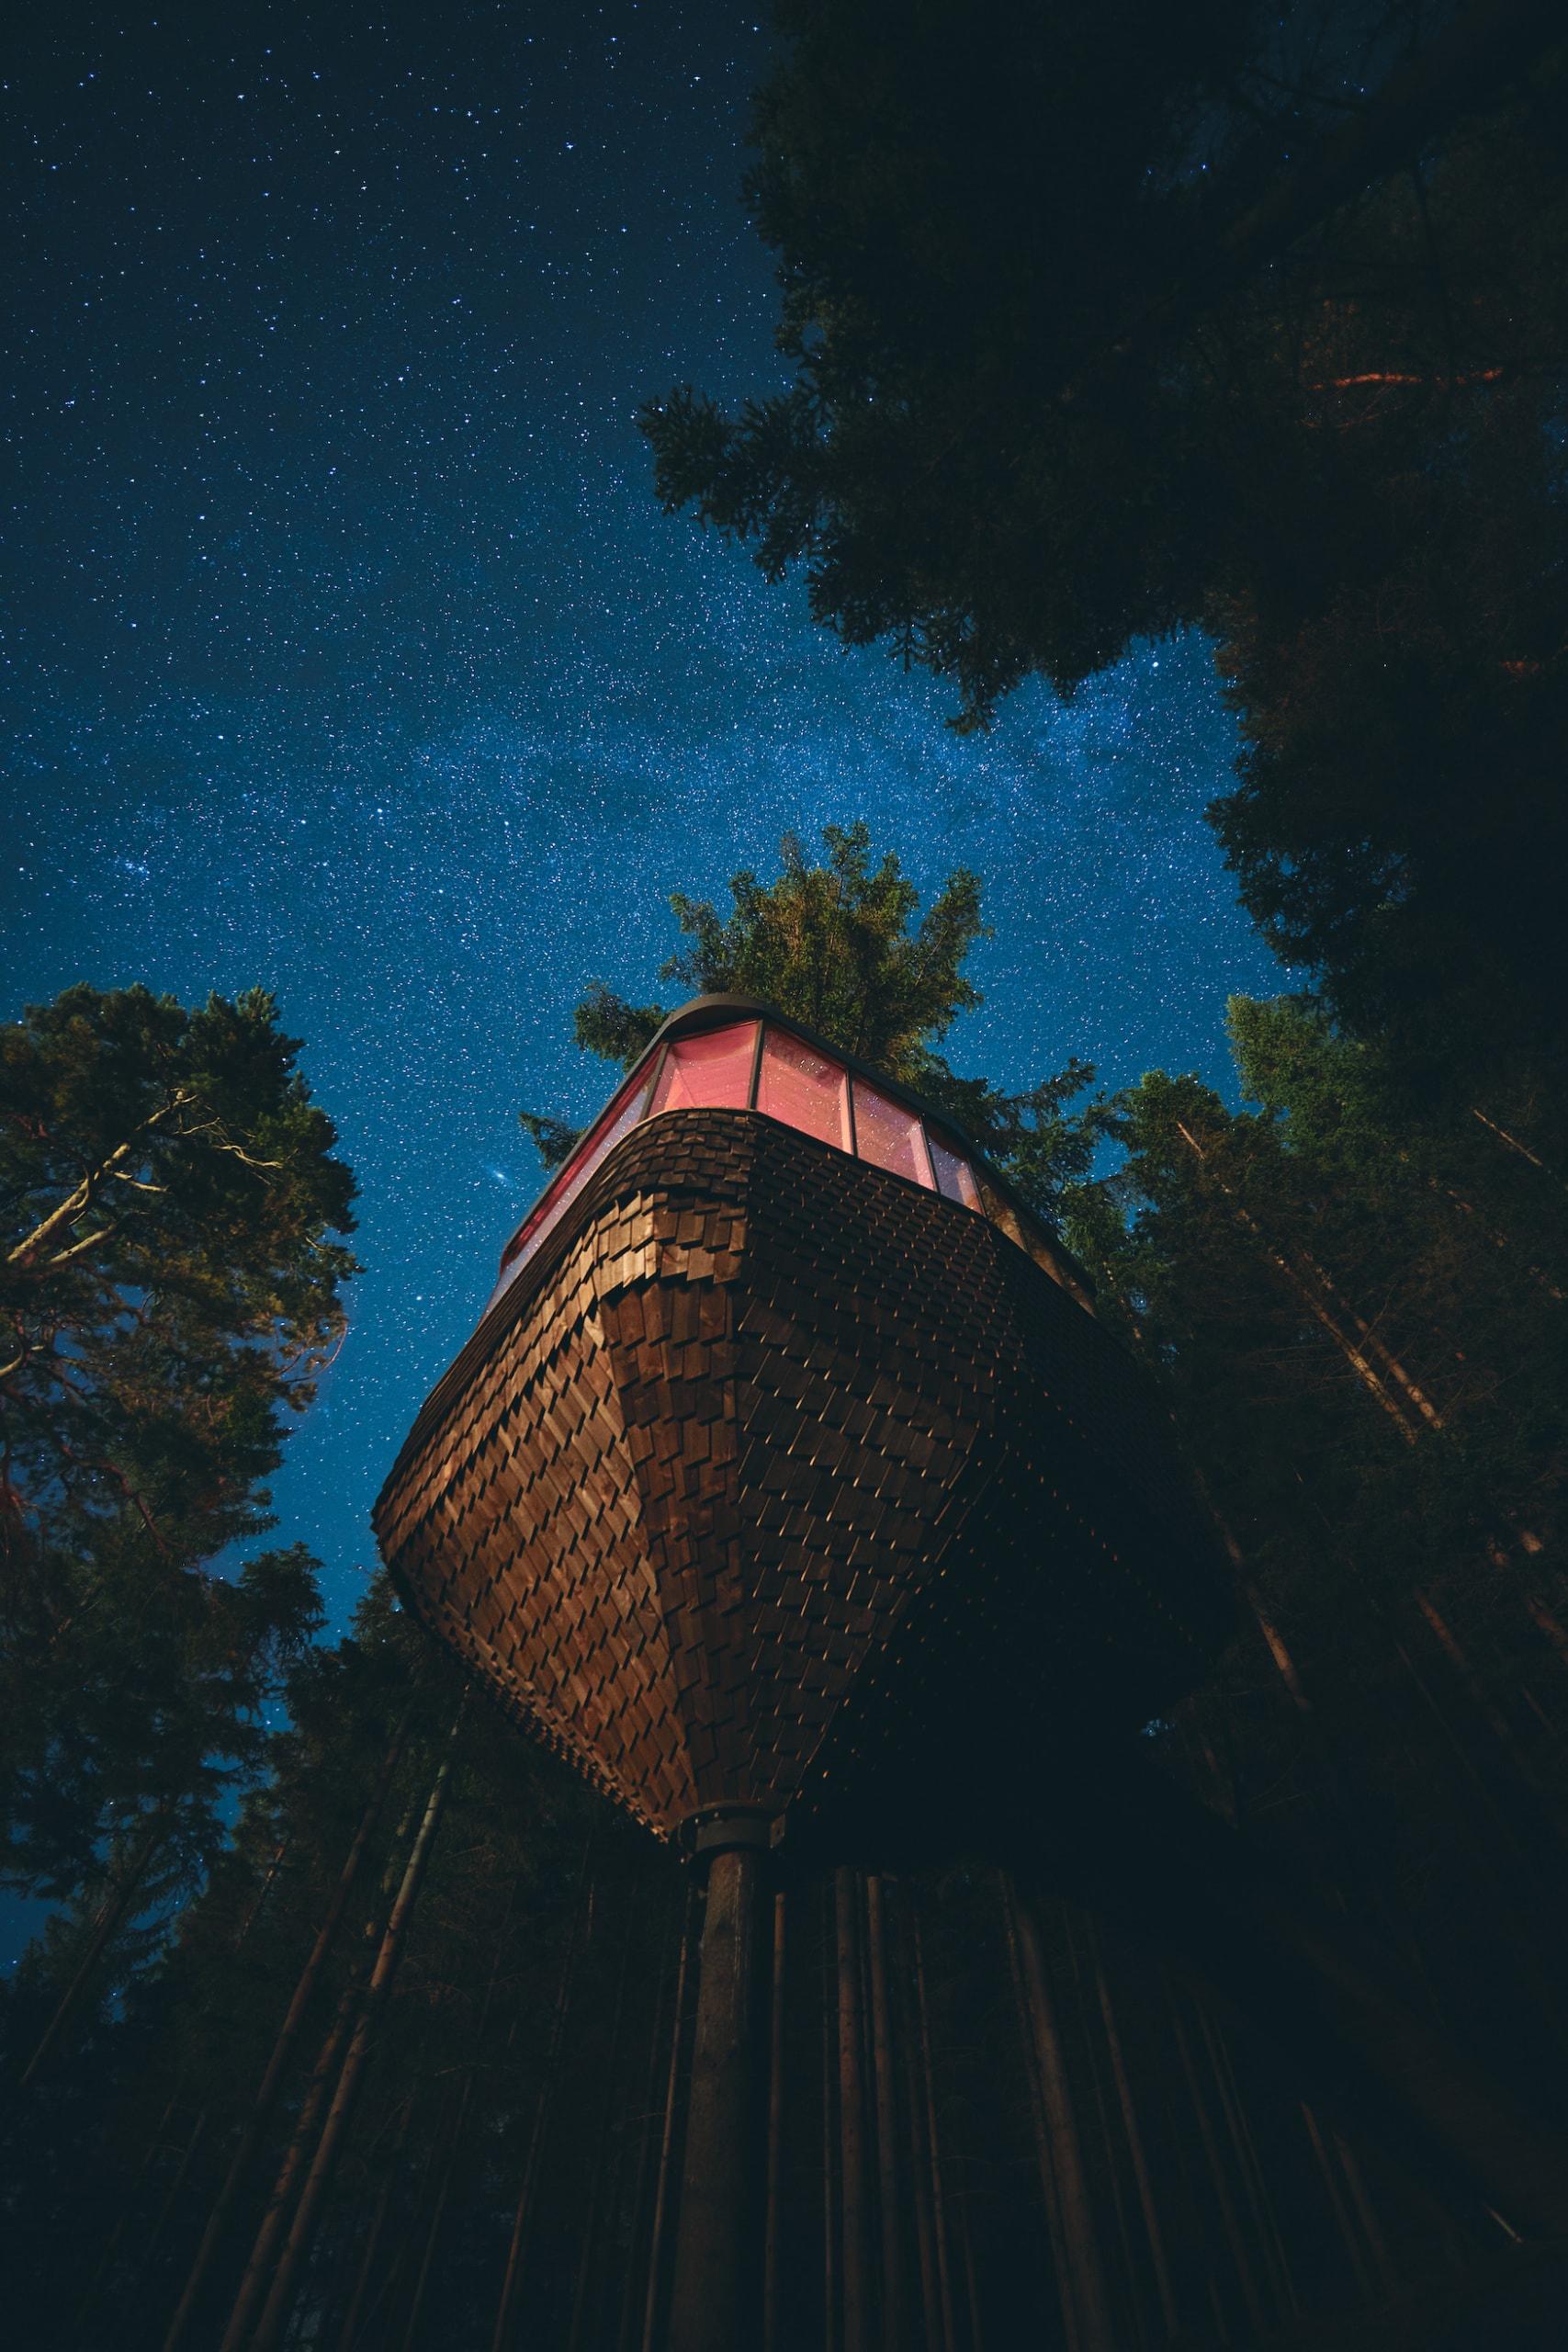 Woodnest bei nacht mit Sternenhimmel: Das Baumhaus ist eine neue, spektakuläre Unterkunft am Hadangerfjord in Norwegen.